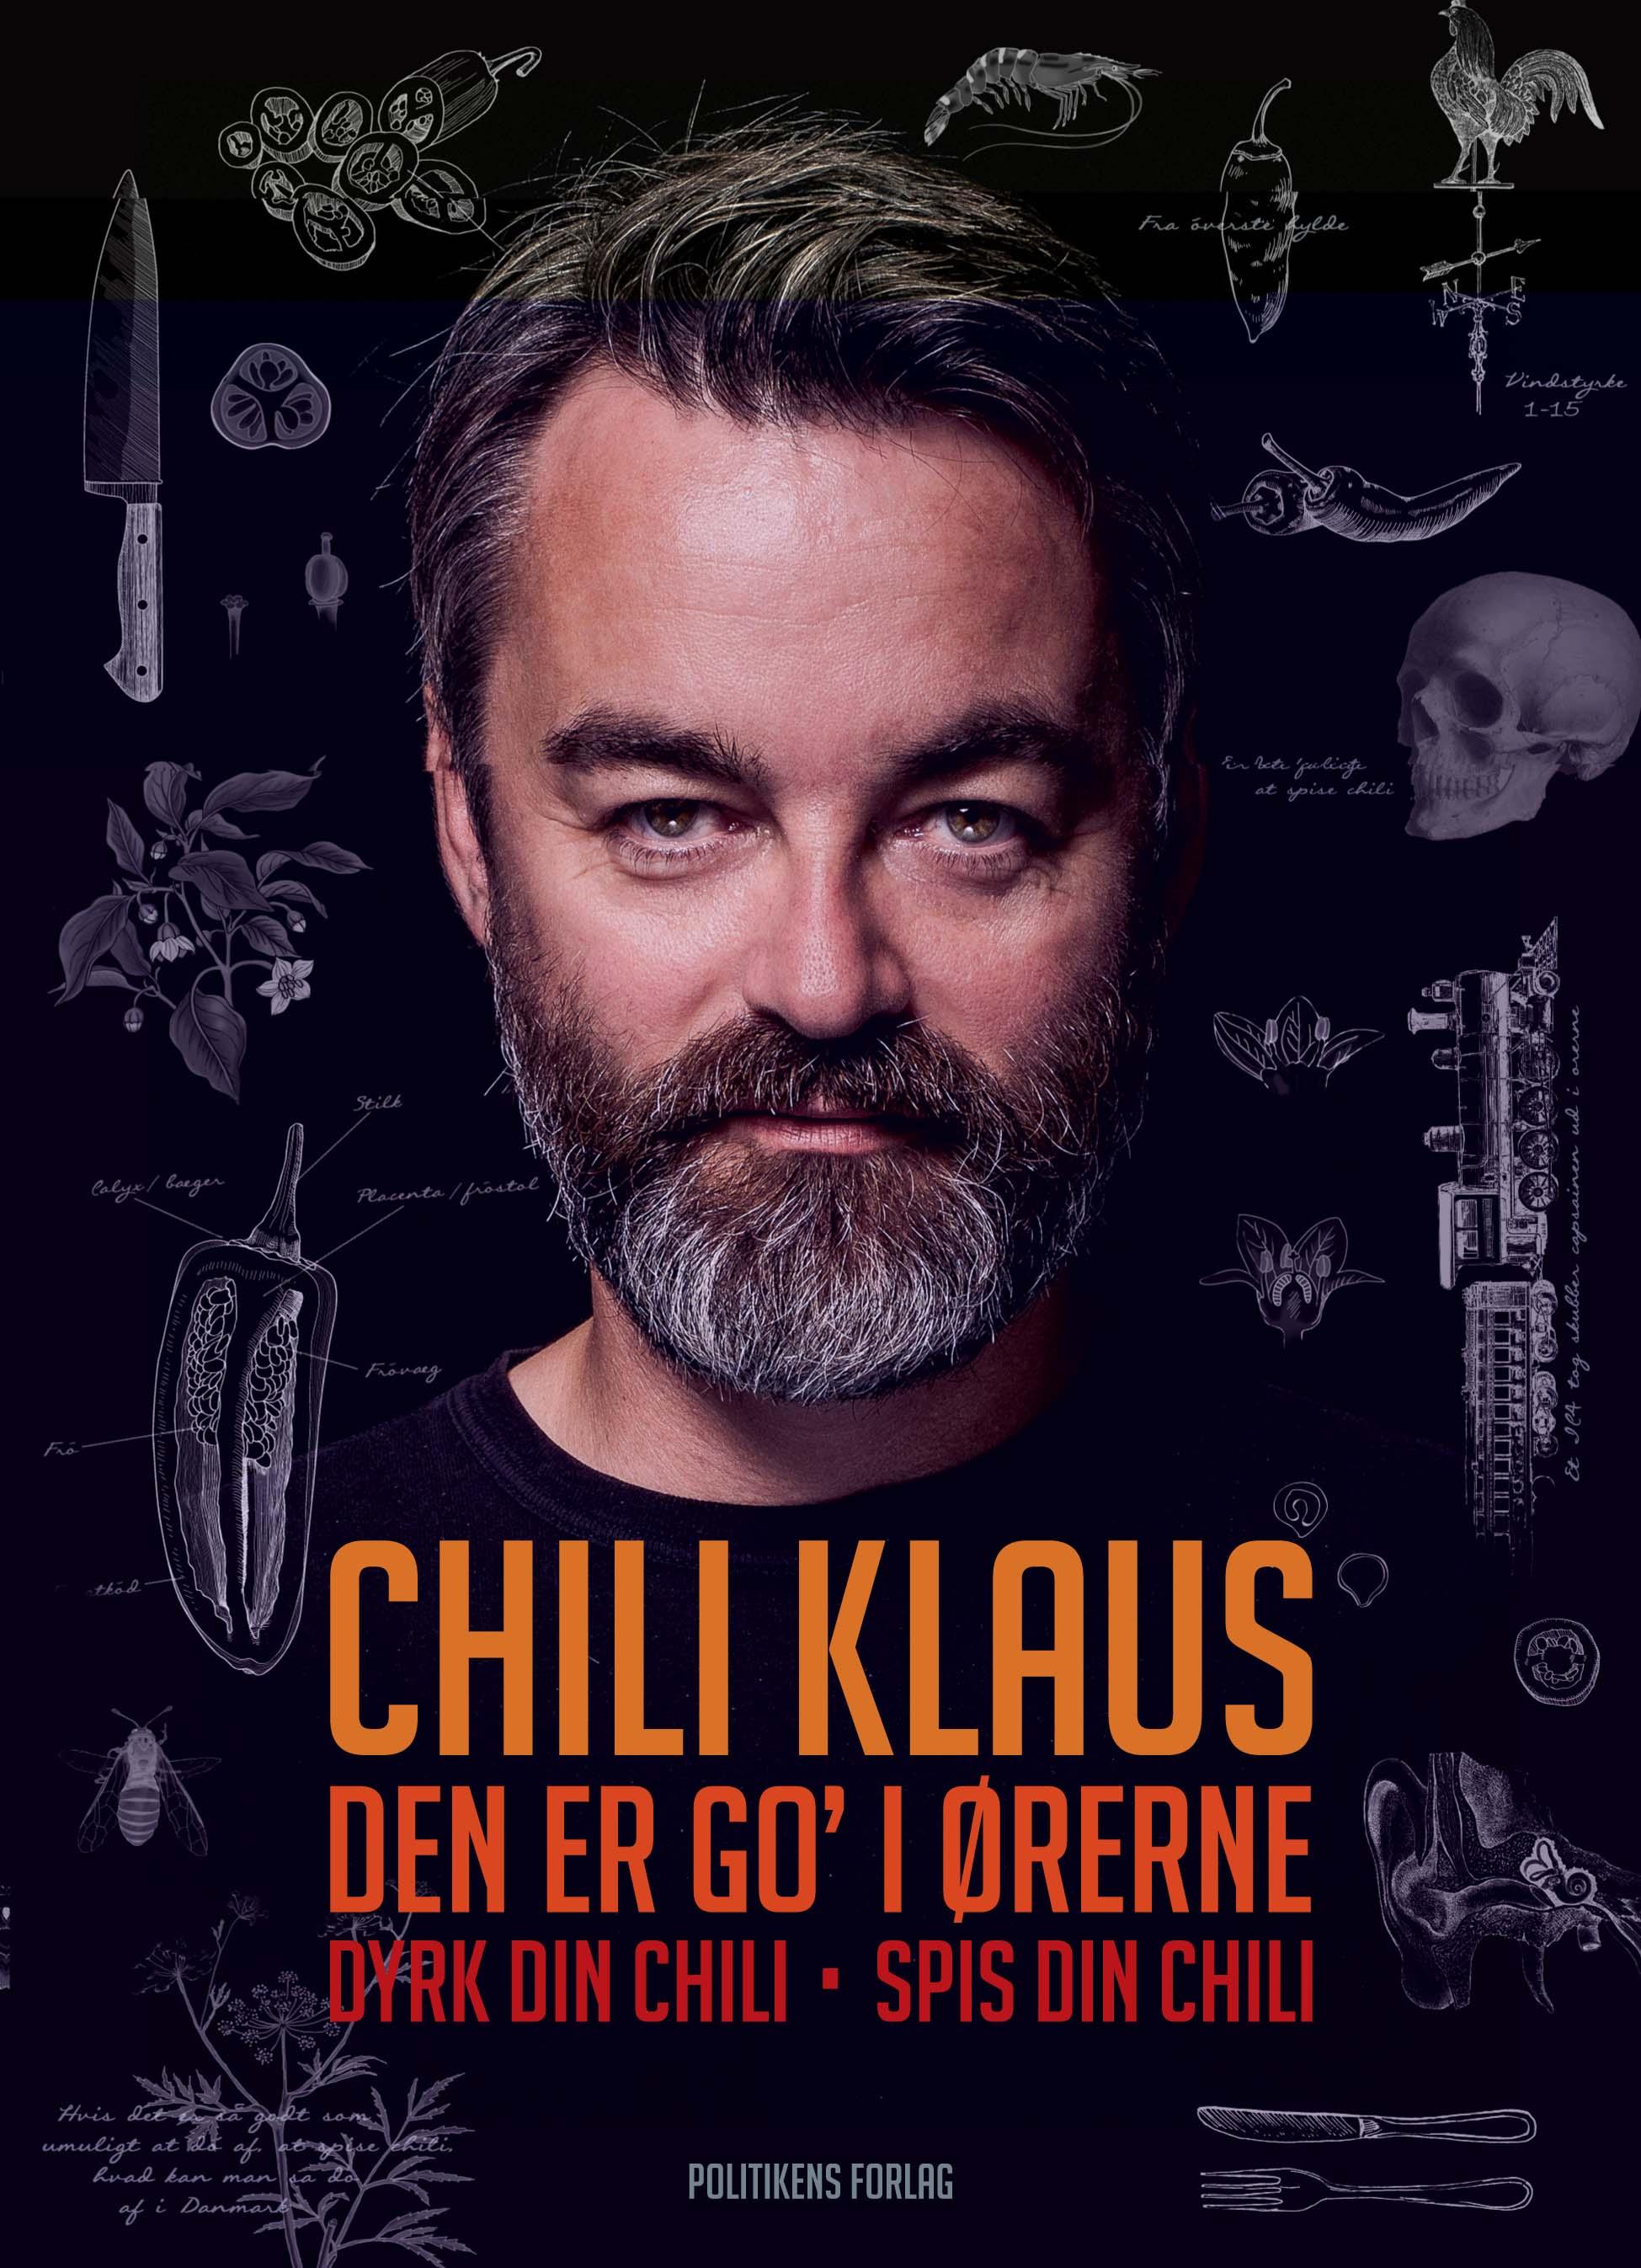 N/A Chili klaus - den er go i ørerne - e-bog på bog & mystik